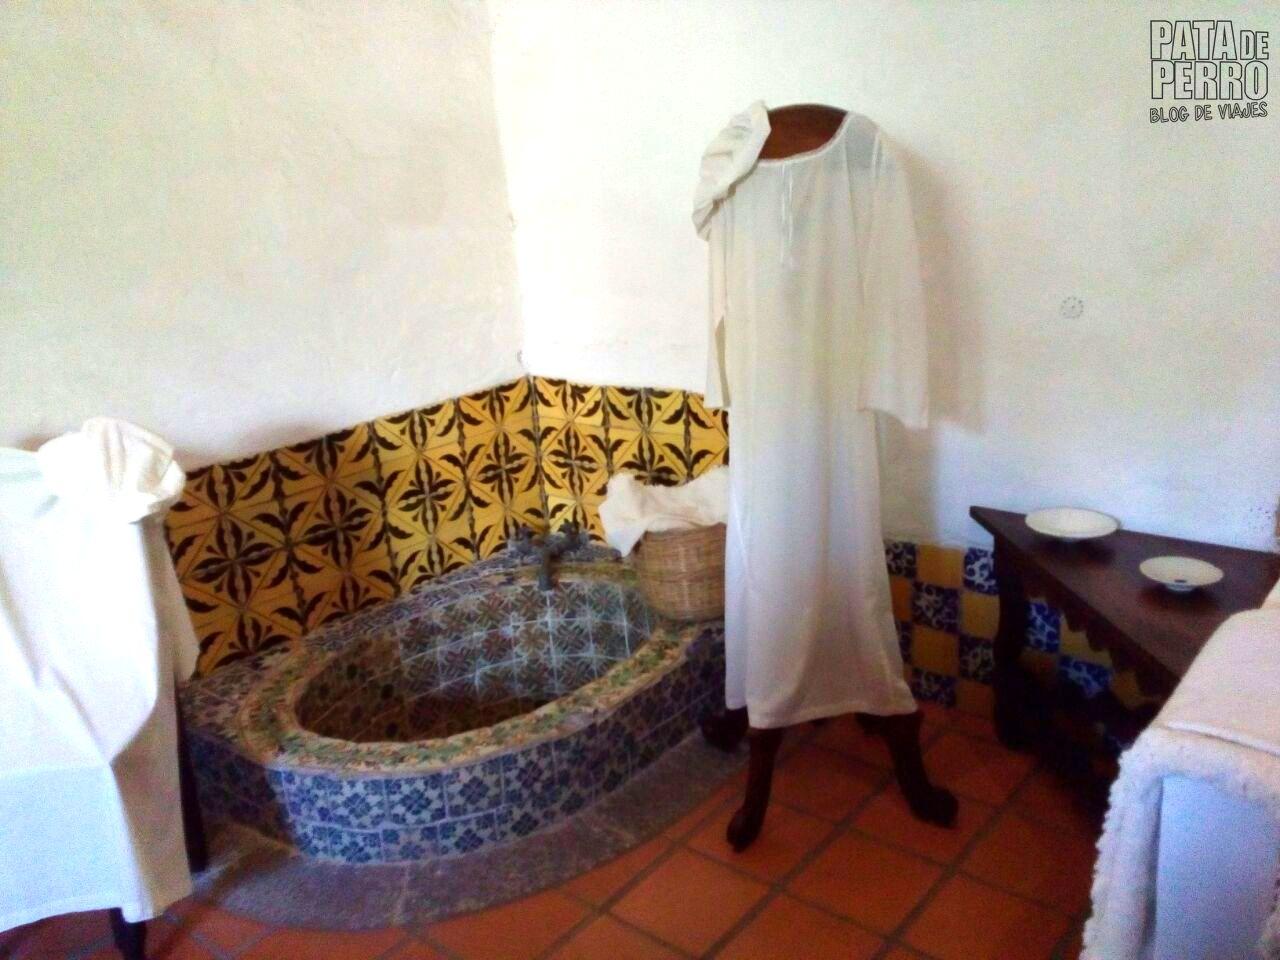 la cocina poblana donde se crearon los chiles en nogada pata de perro blog de viajes puebla mexico04